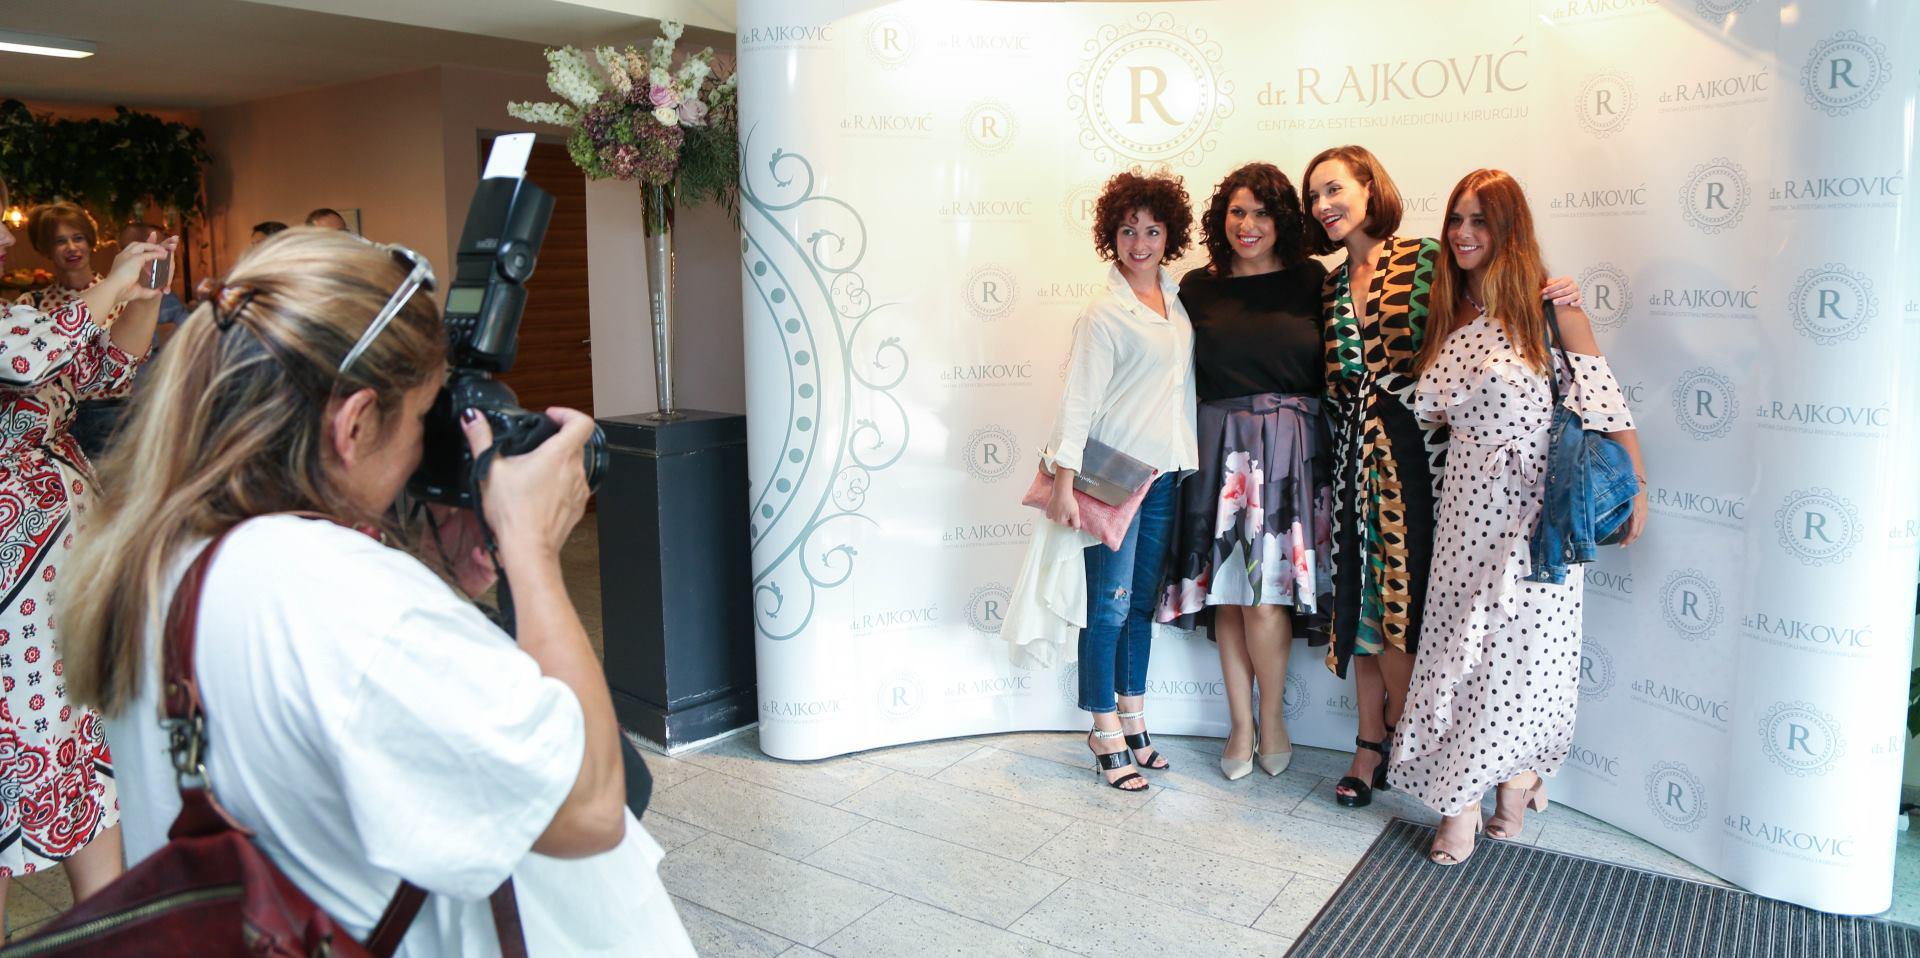 FOTO: Mnoge poznate osobe posjetile centar 'Dr. Rajković'